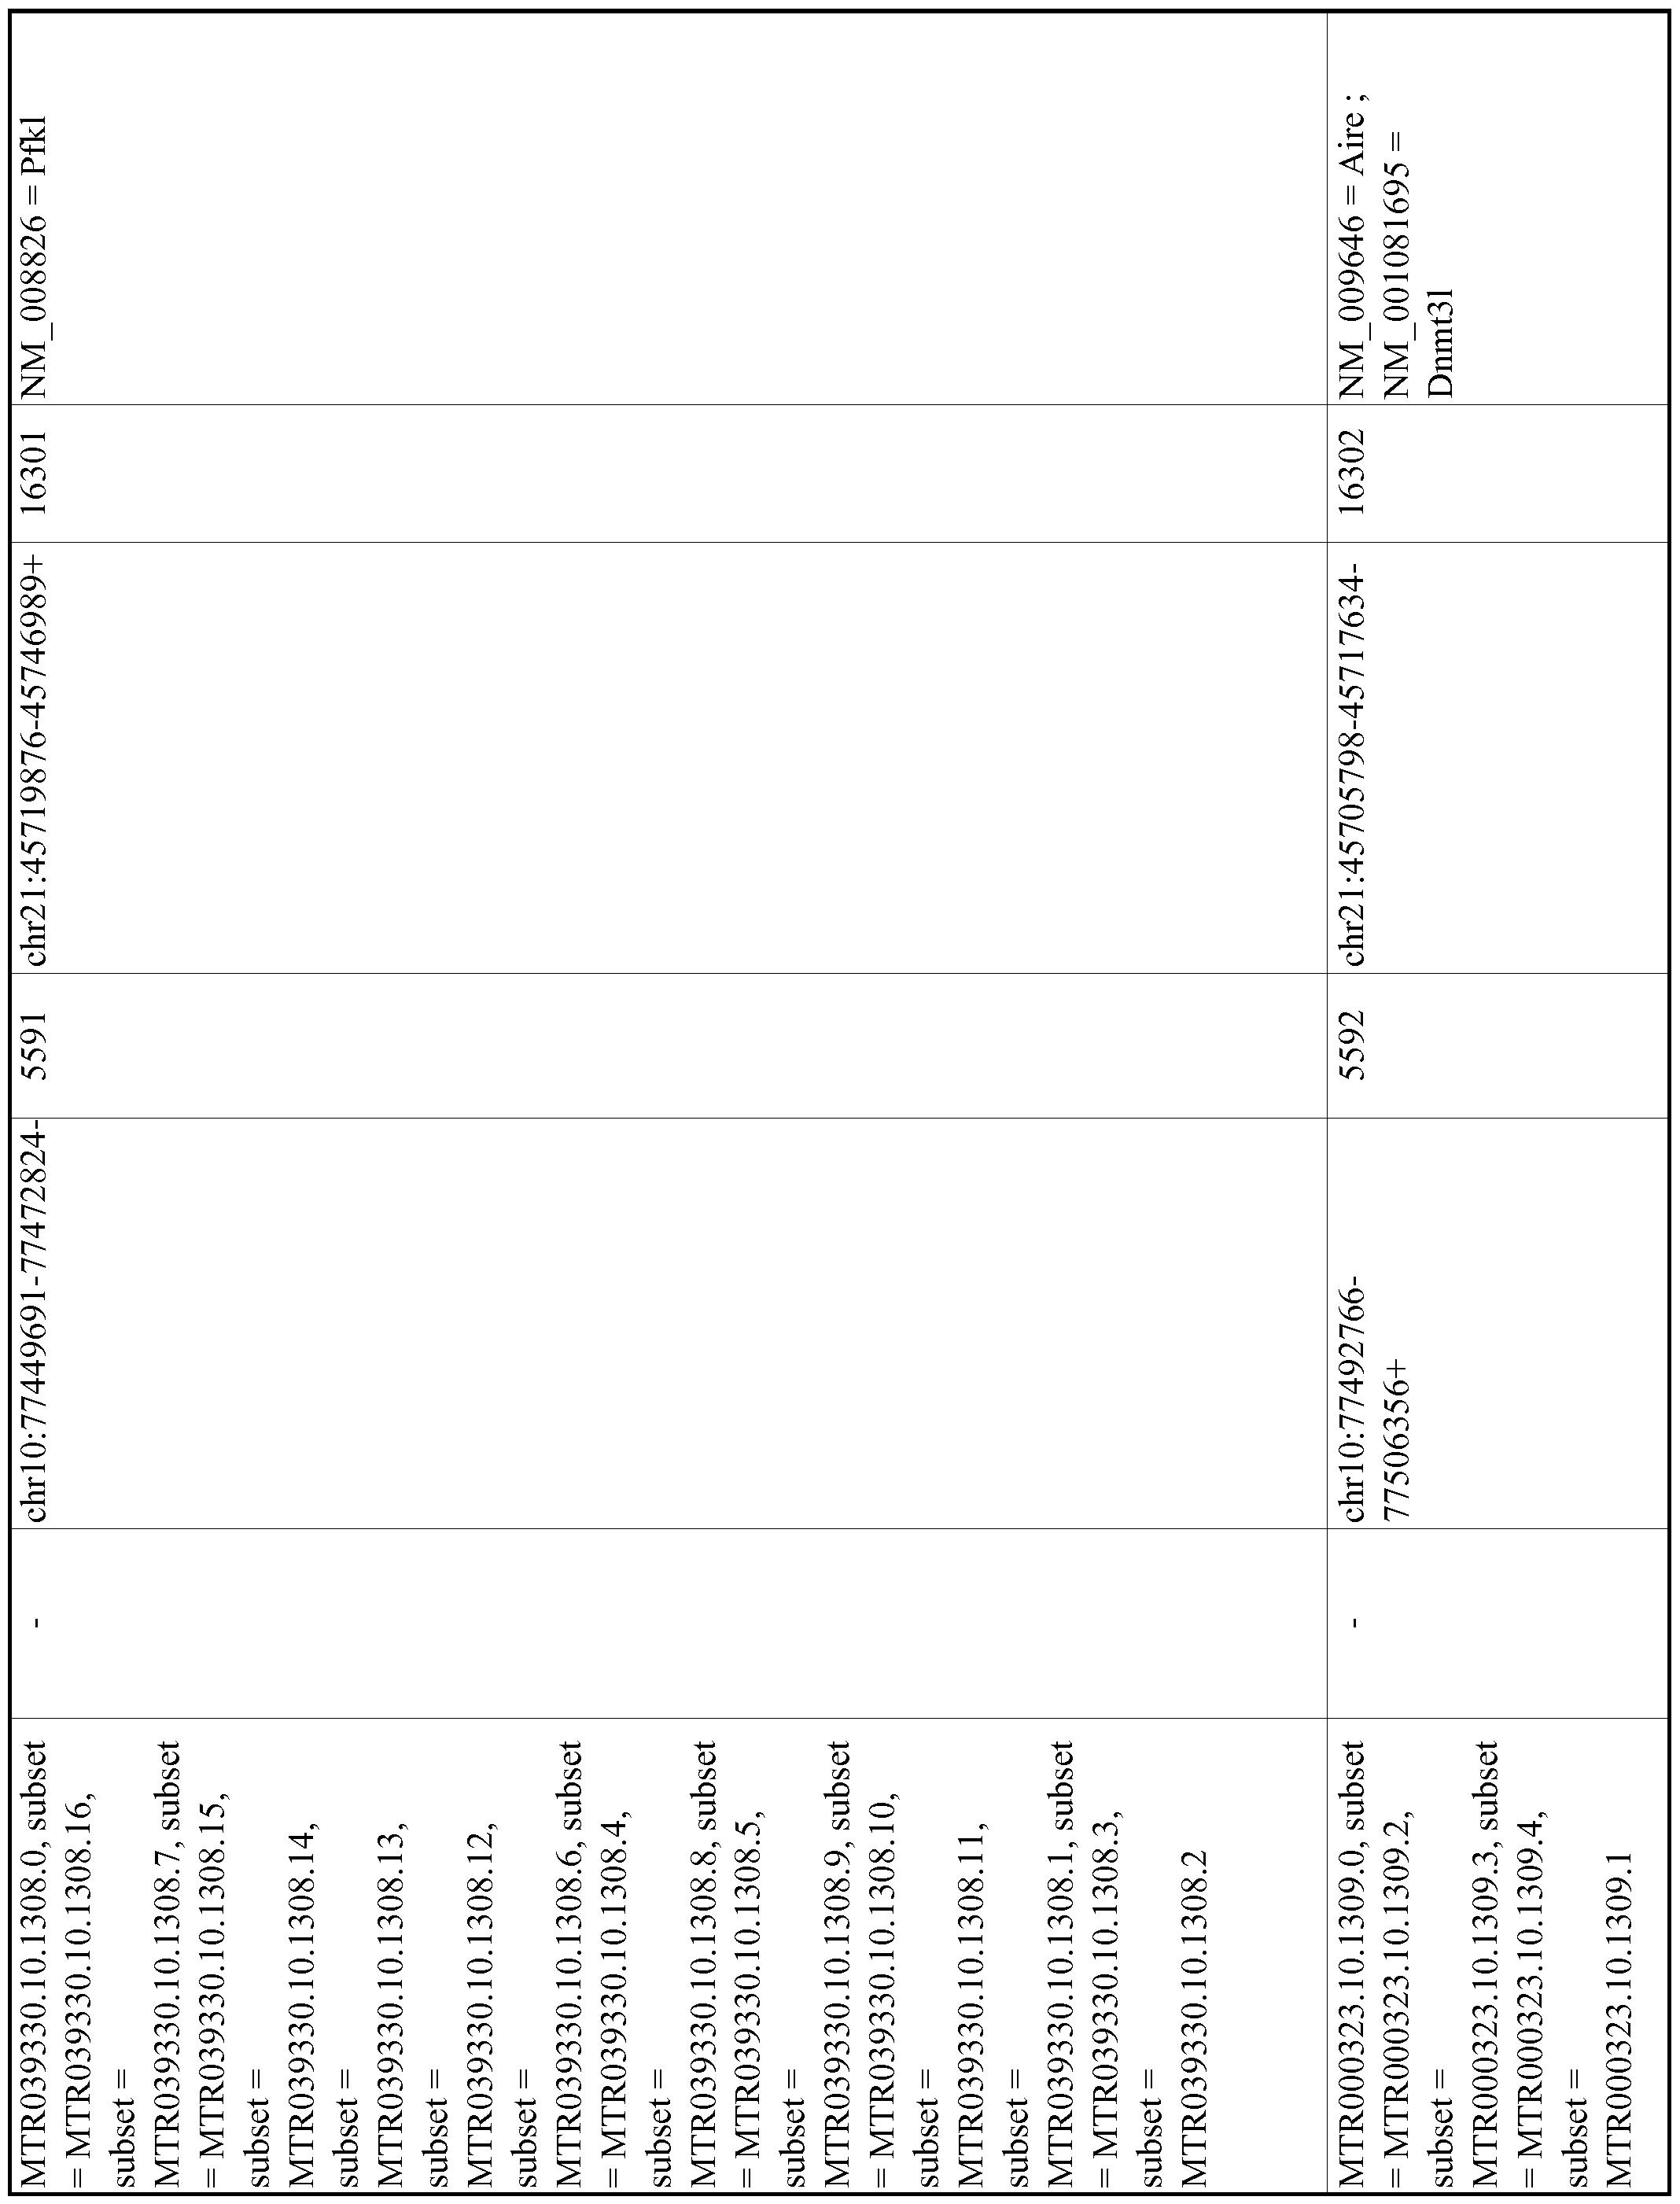 Figure imgf001003_0001